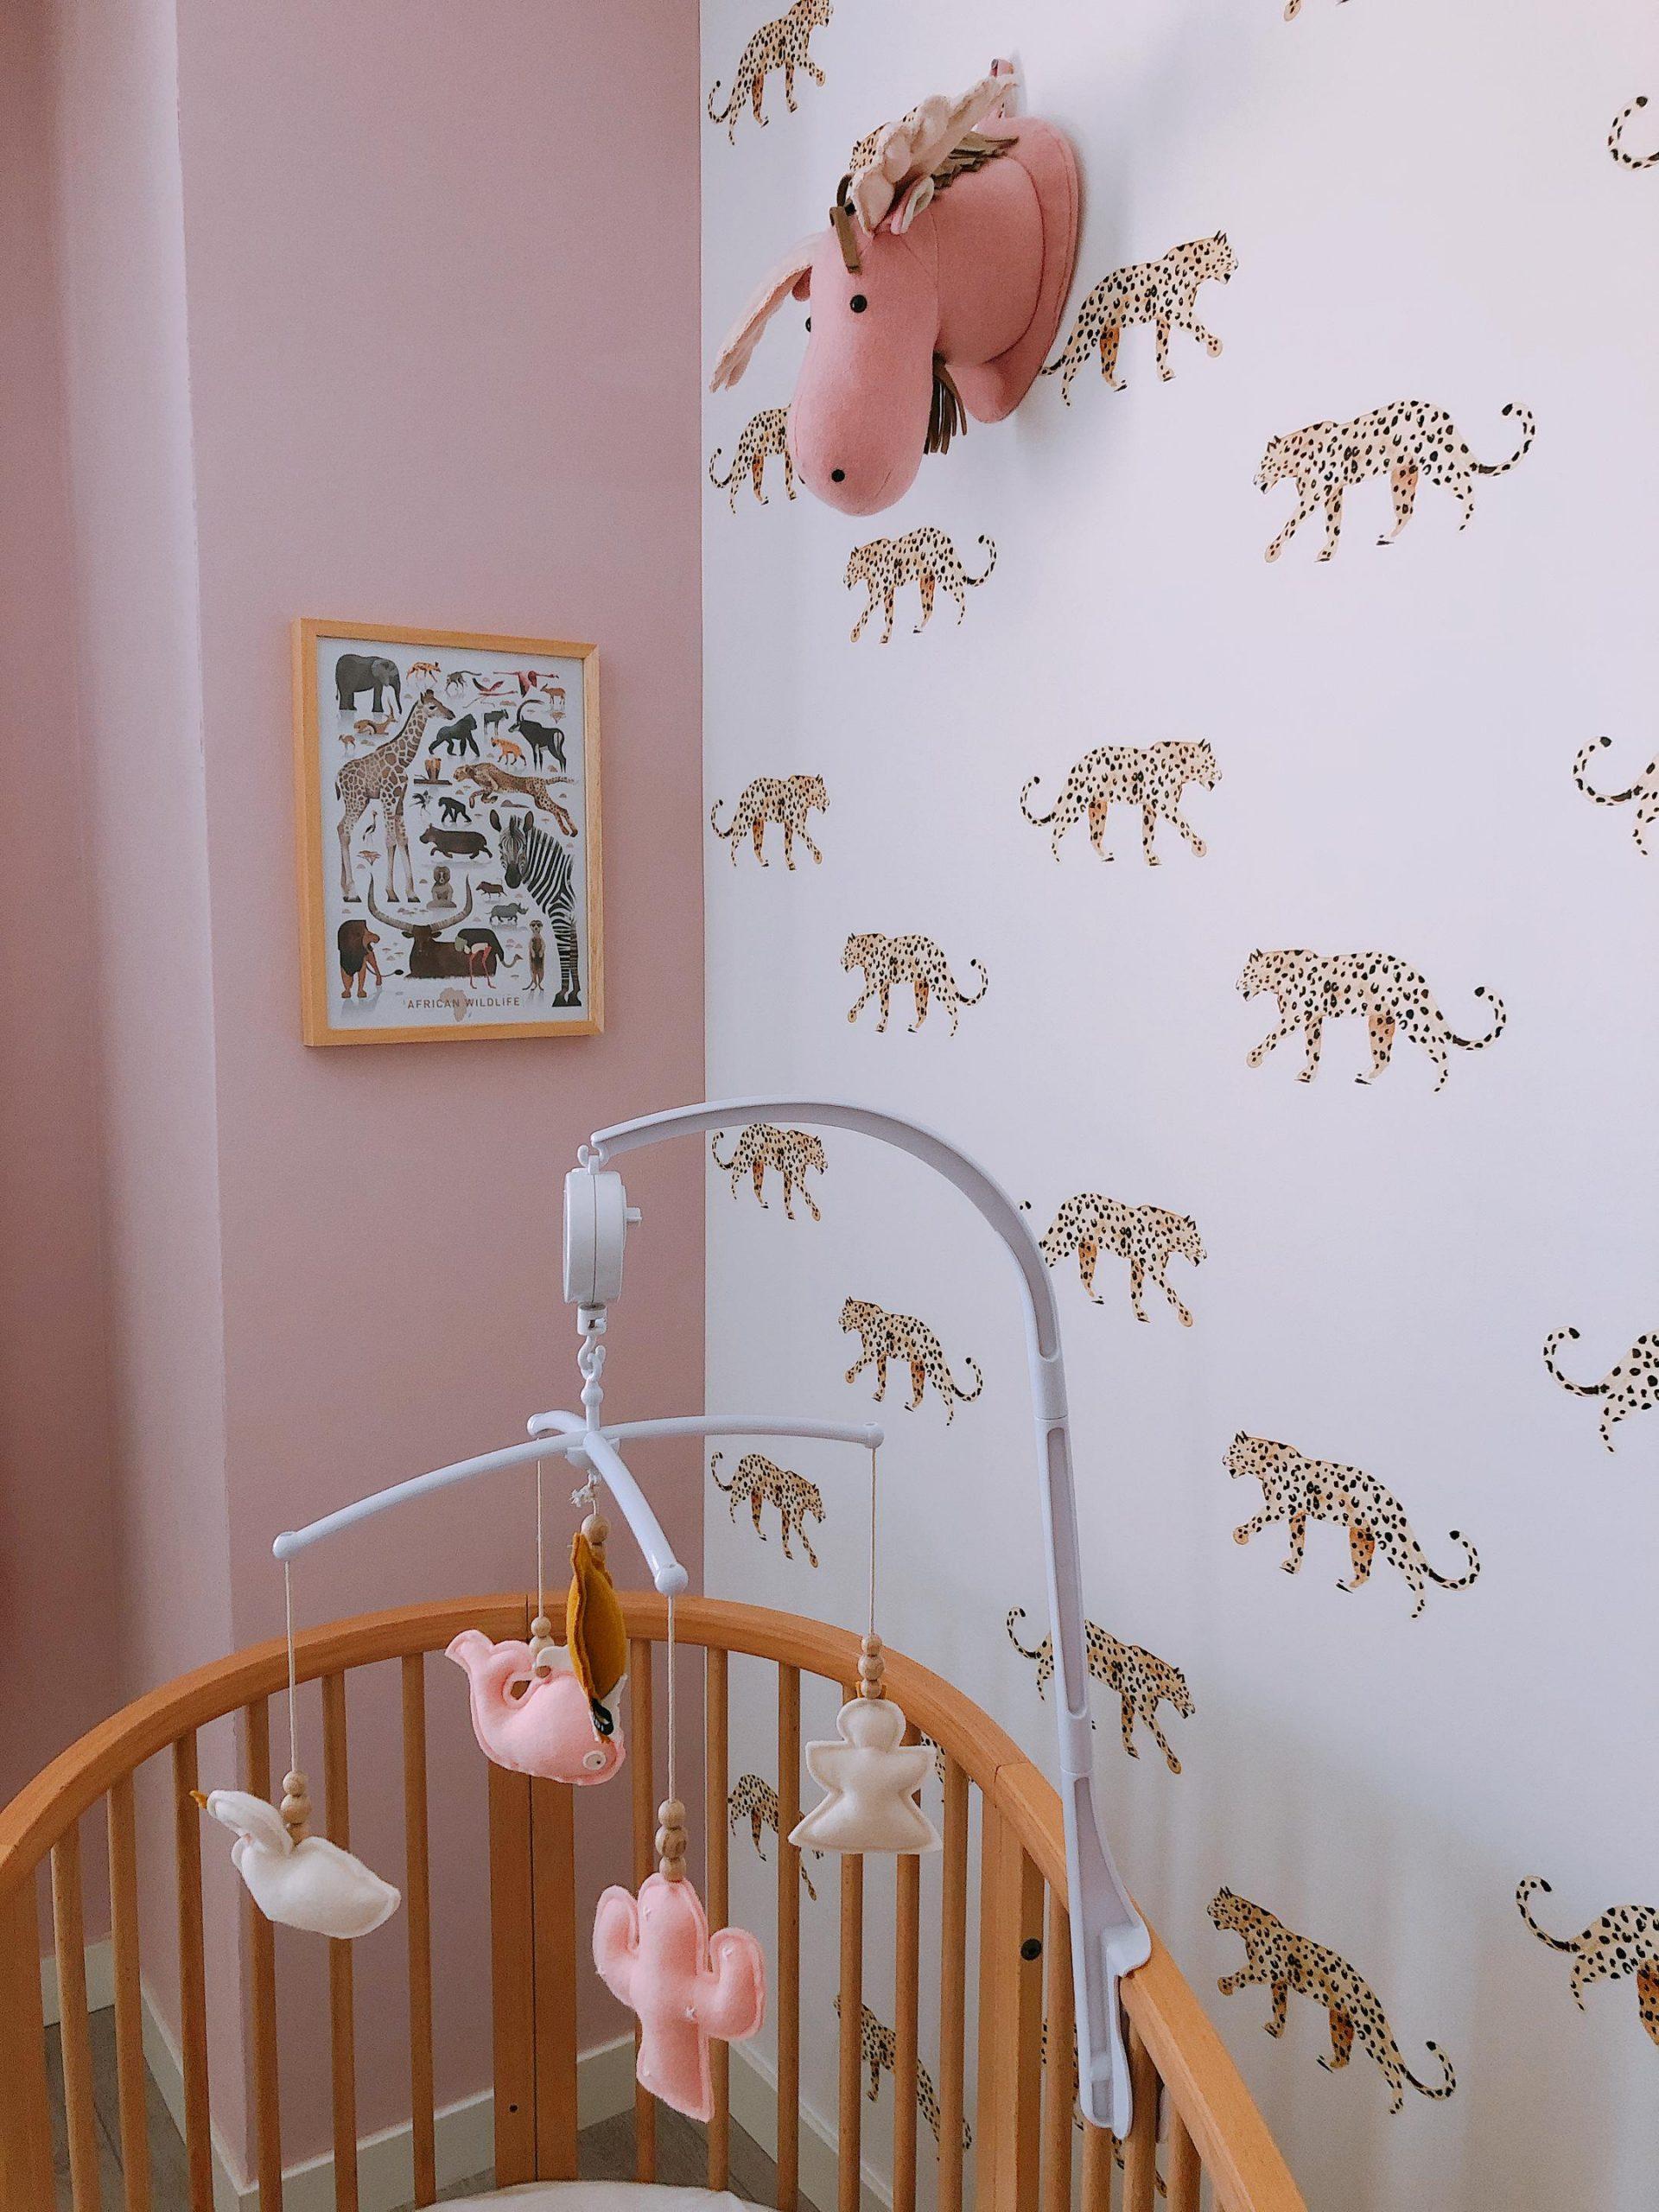 IMG 6857 2160x2880 1 scaled - De nieuwe accessoires op de kinderkamers én onze slaapkamer!